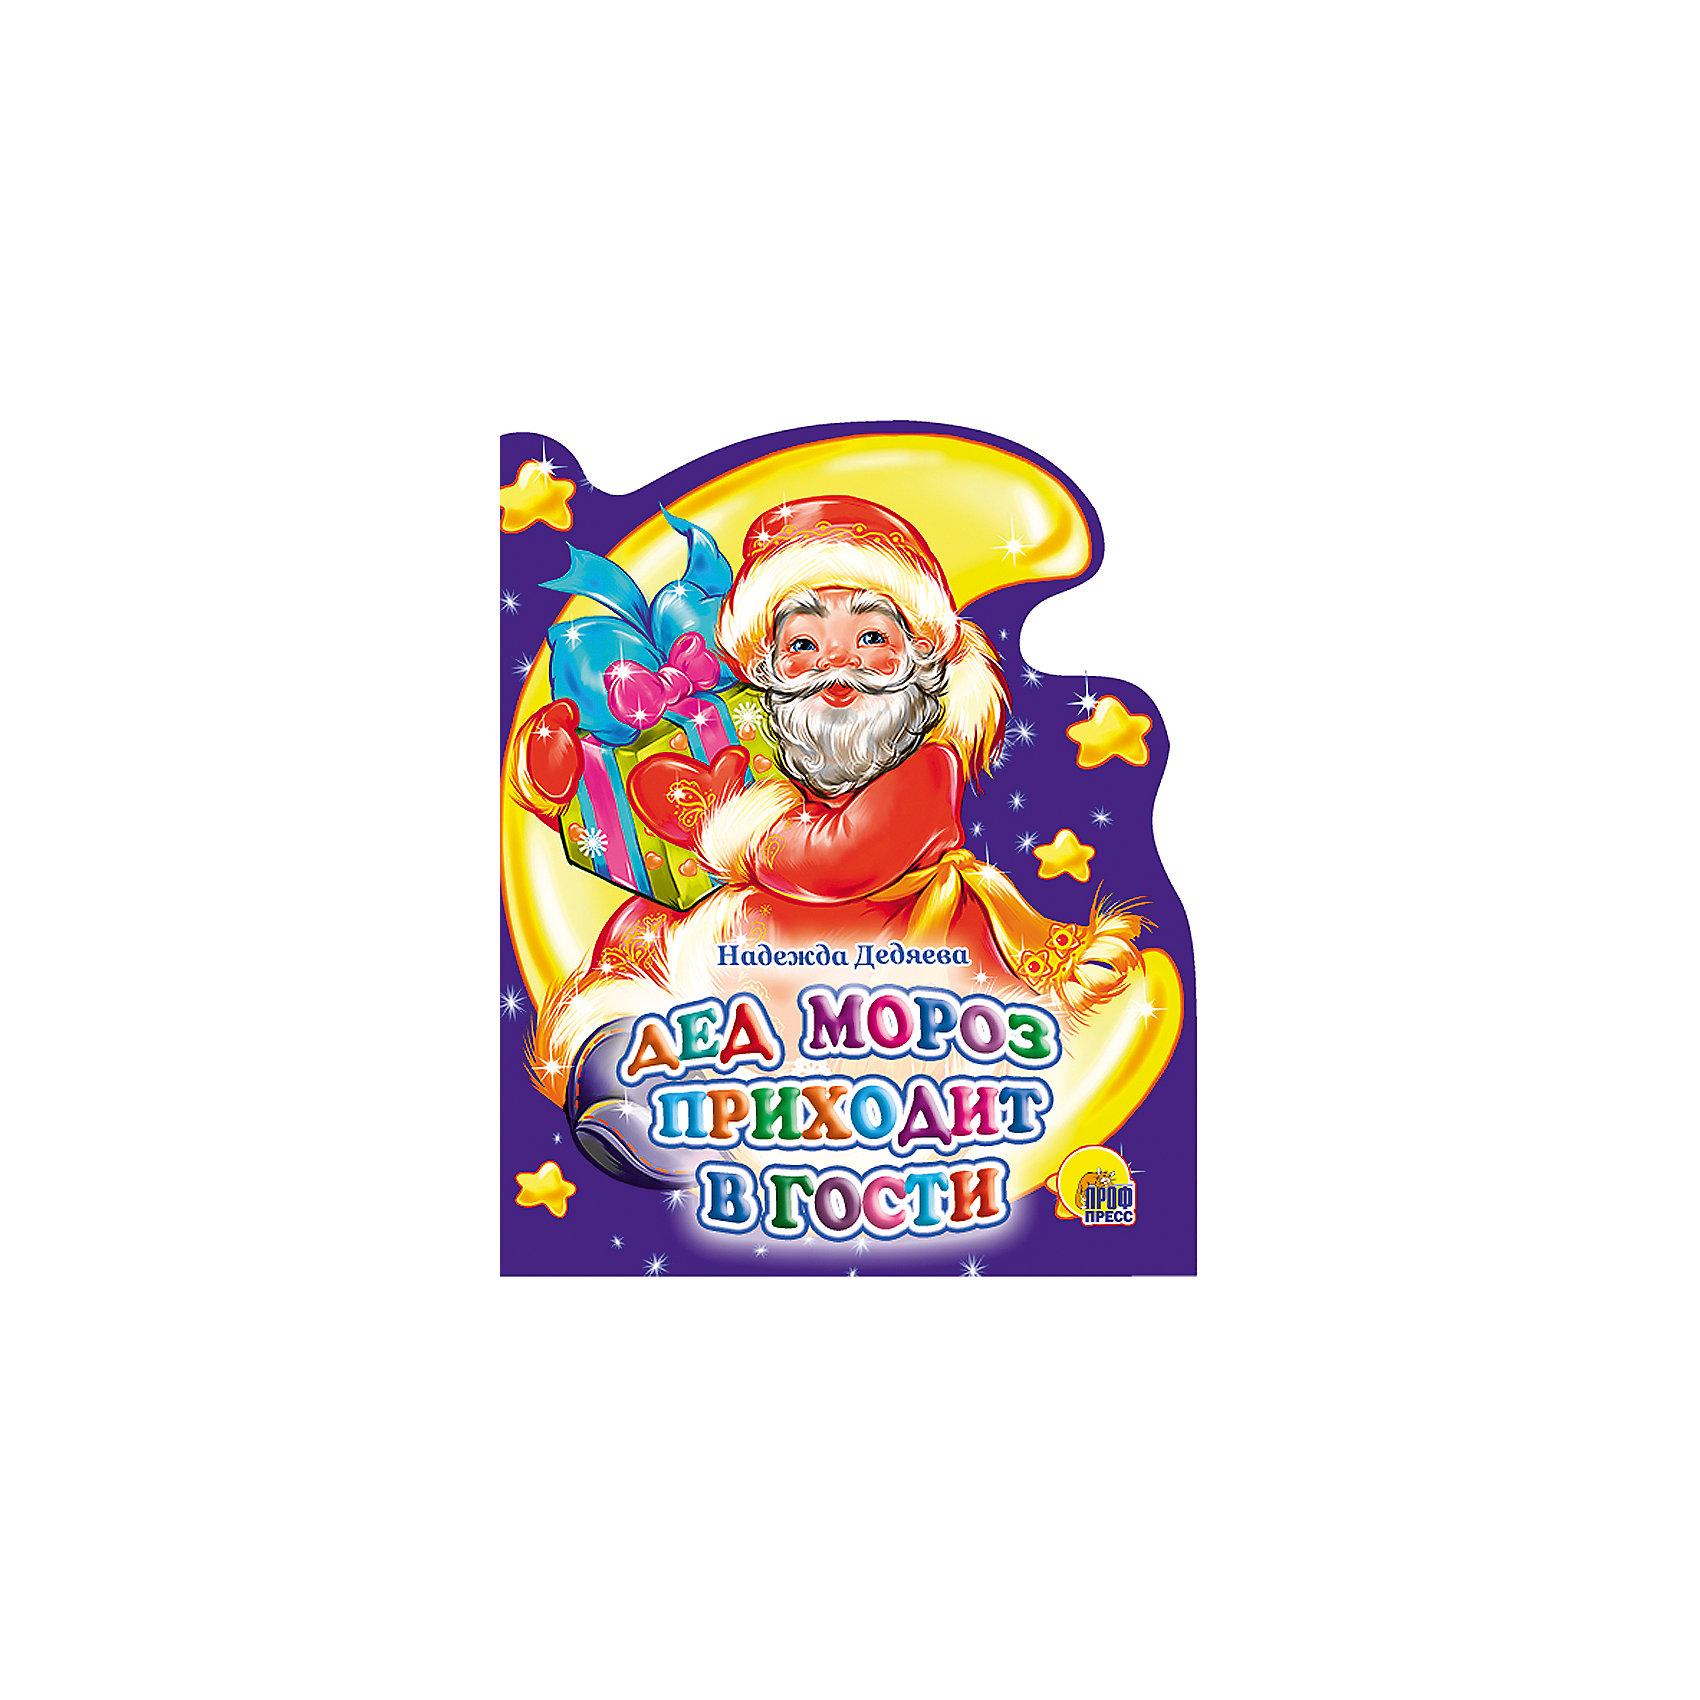 Проф-Пресс Книга с вырубкой Дед Мороз приходит в гости винклер ю авт сост дед мороз приходит в гости игры подарки загадки стихи с наклейками 3